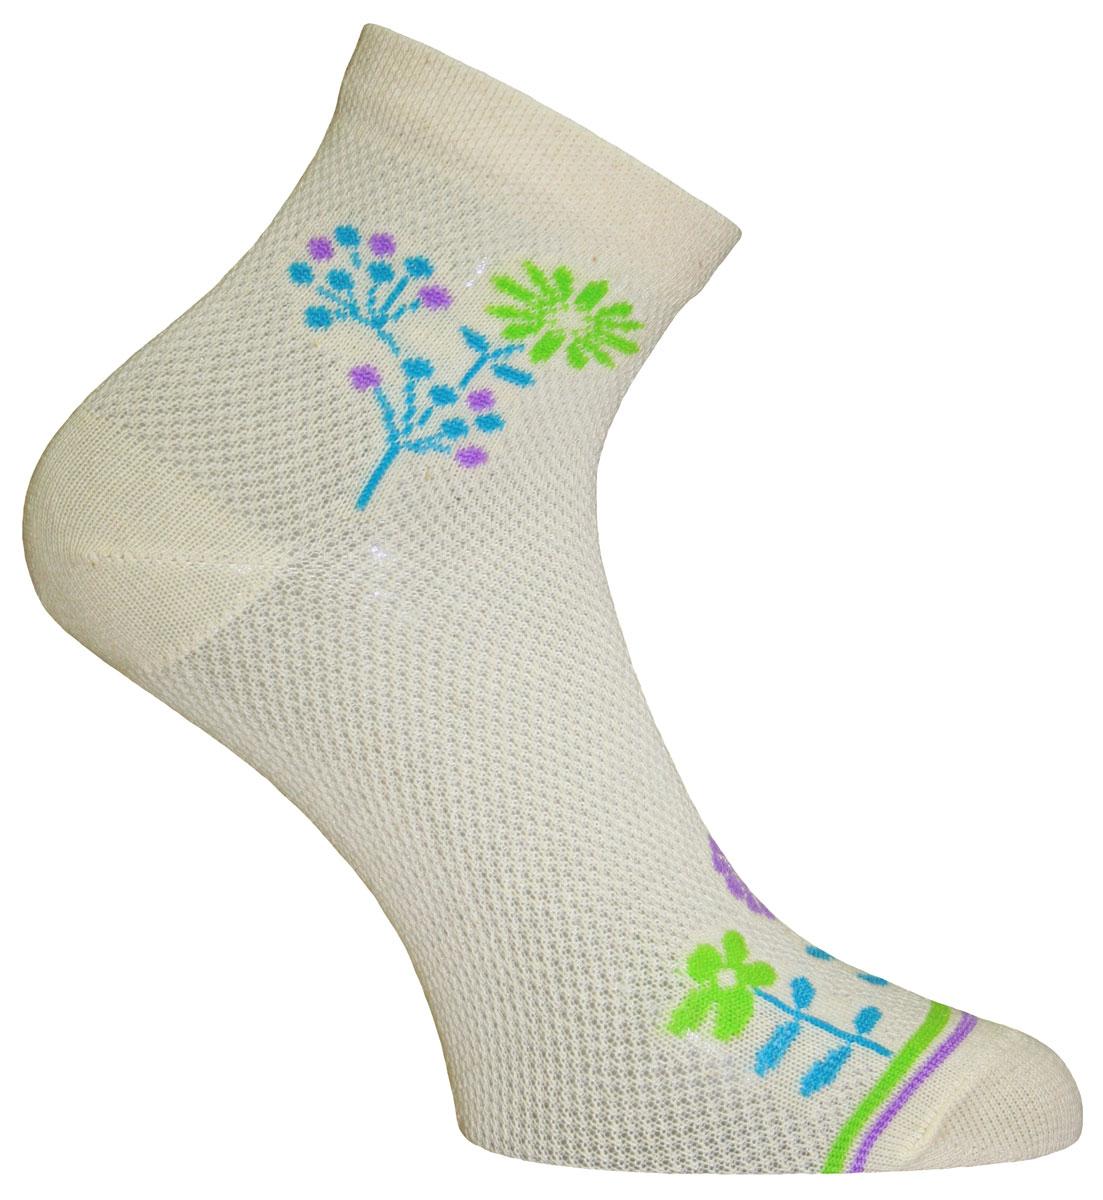 55011Удобные носки Master Socks, изготовленные из высококачественного комбинированного материала, очень мягкие и приятные на ощупь, позволяют коже дышать. Эластичная резинка плотно облегает ногу, не сдавливая ее, обеспечивая комфорт и удобство. Носки с паголенком классической длины оформлены оригинальным принтом в нижней и верхней частях носка. Практичные и комфортные носки великолепно подойдут к любой вашей обуви.